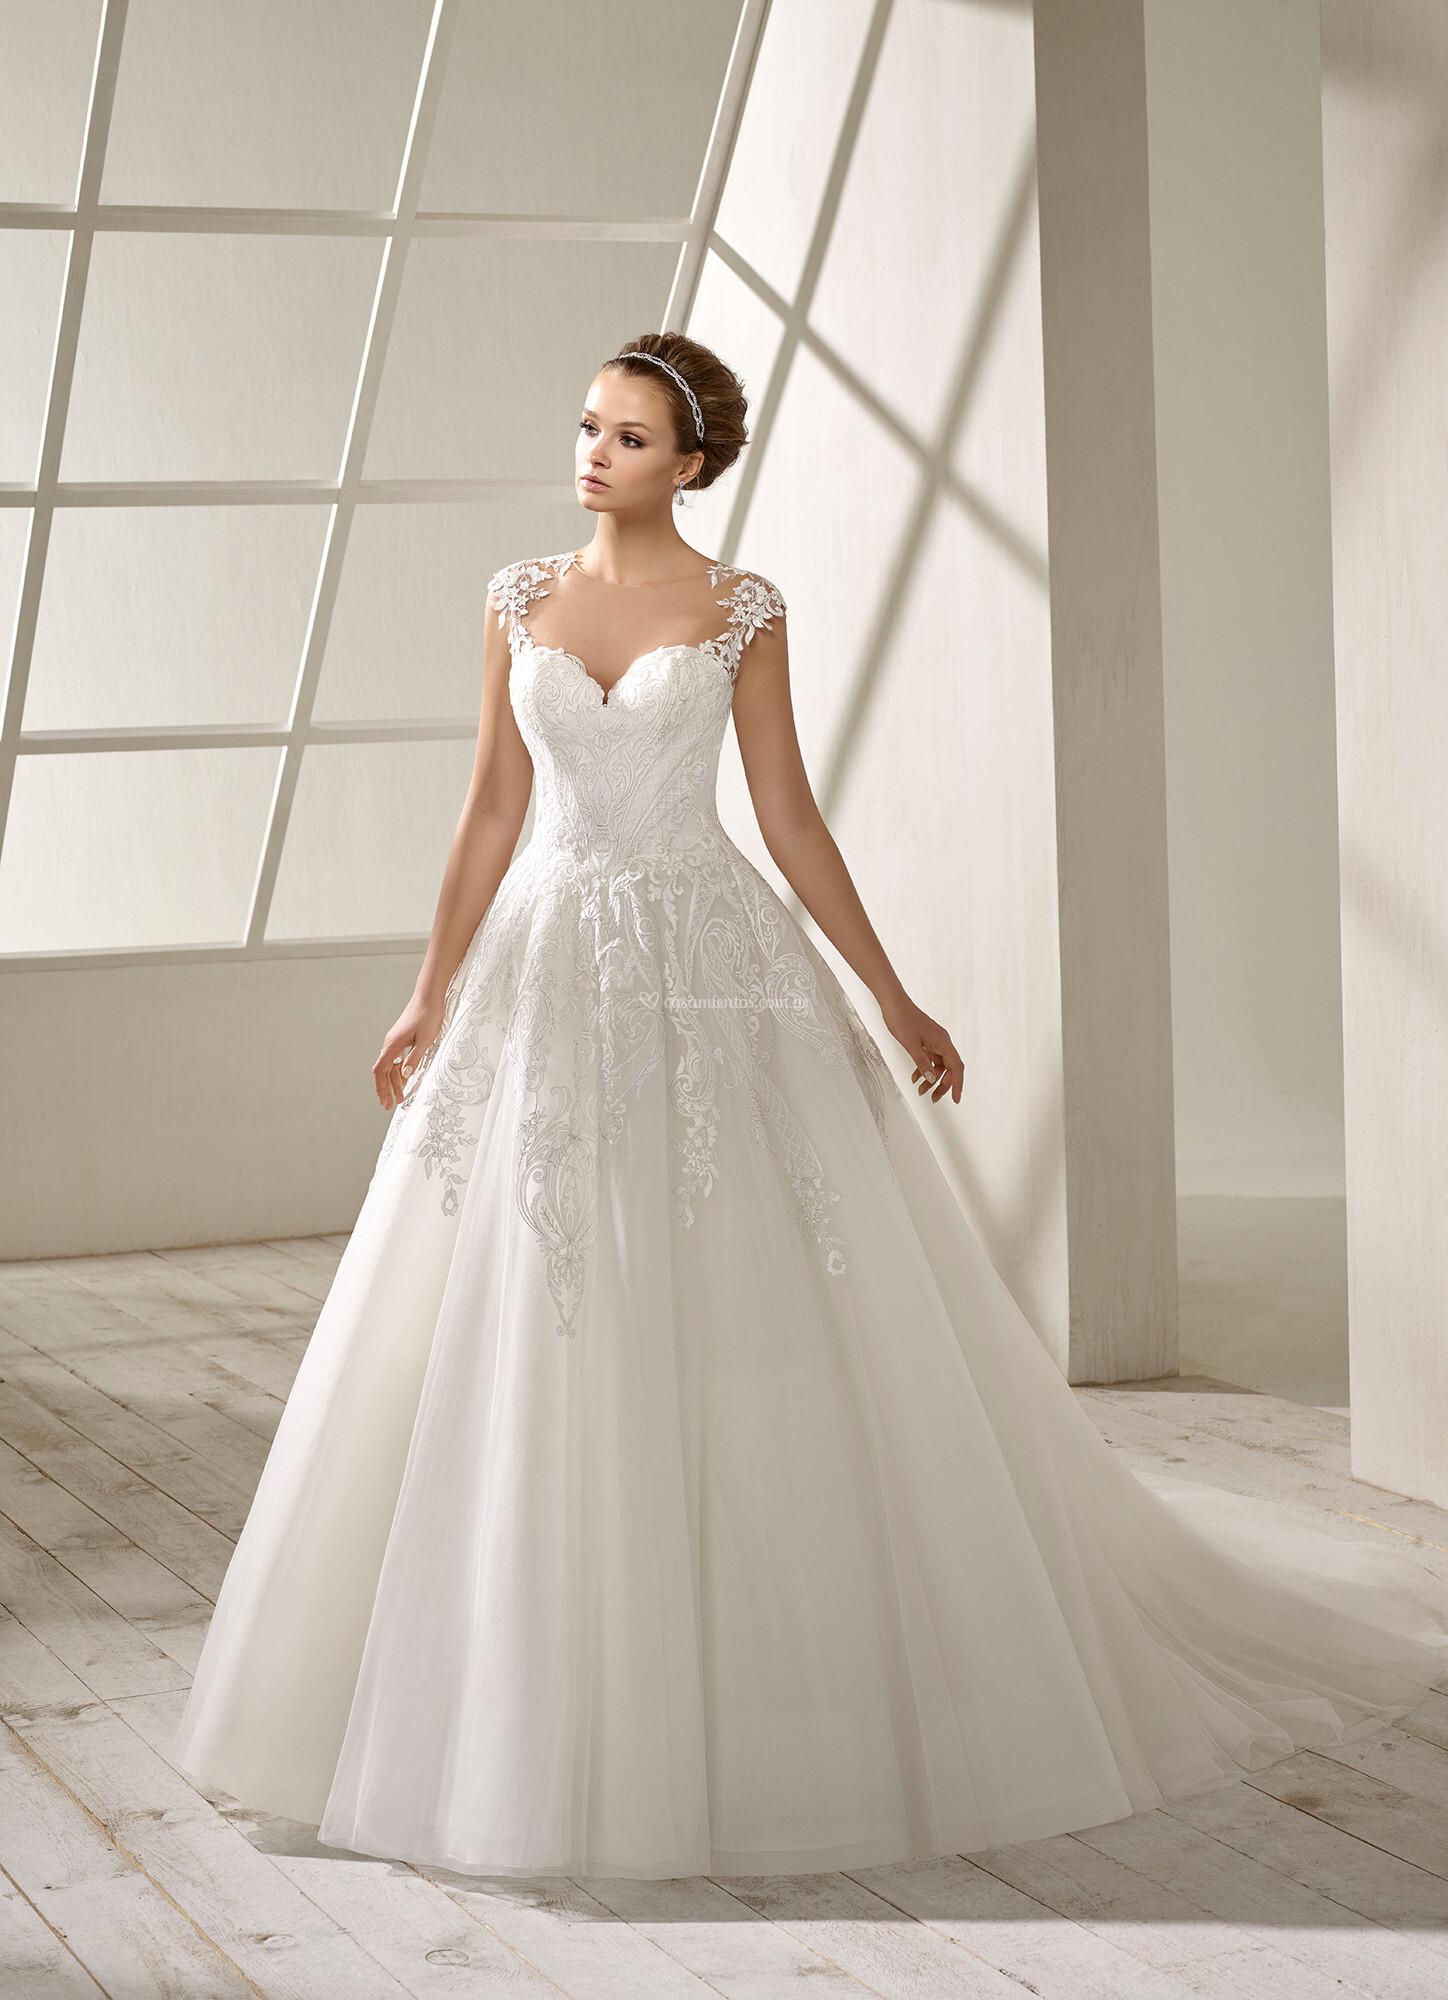 venta online lujo comprar lo mejor Vestido de Novia de Divina Sposa By Sposa Group Italia - DS ...